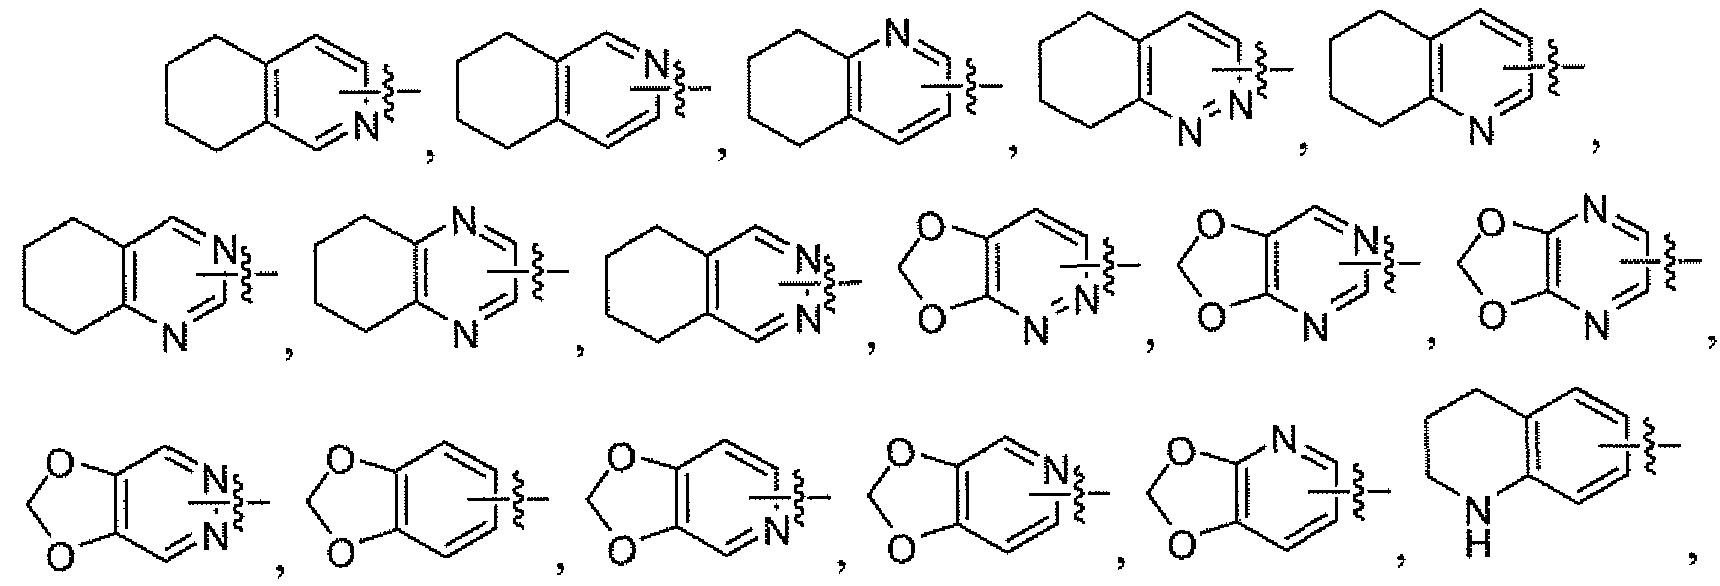 Figure imgf000043_0004